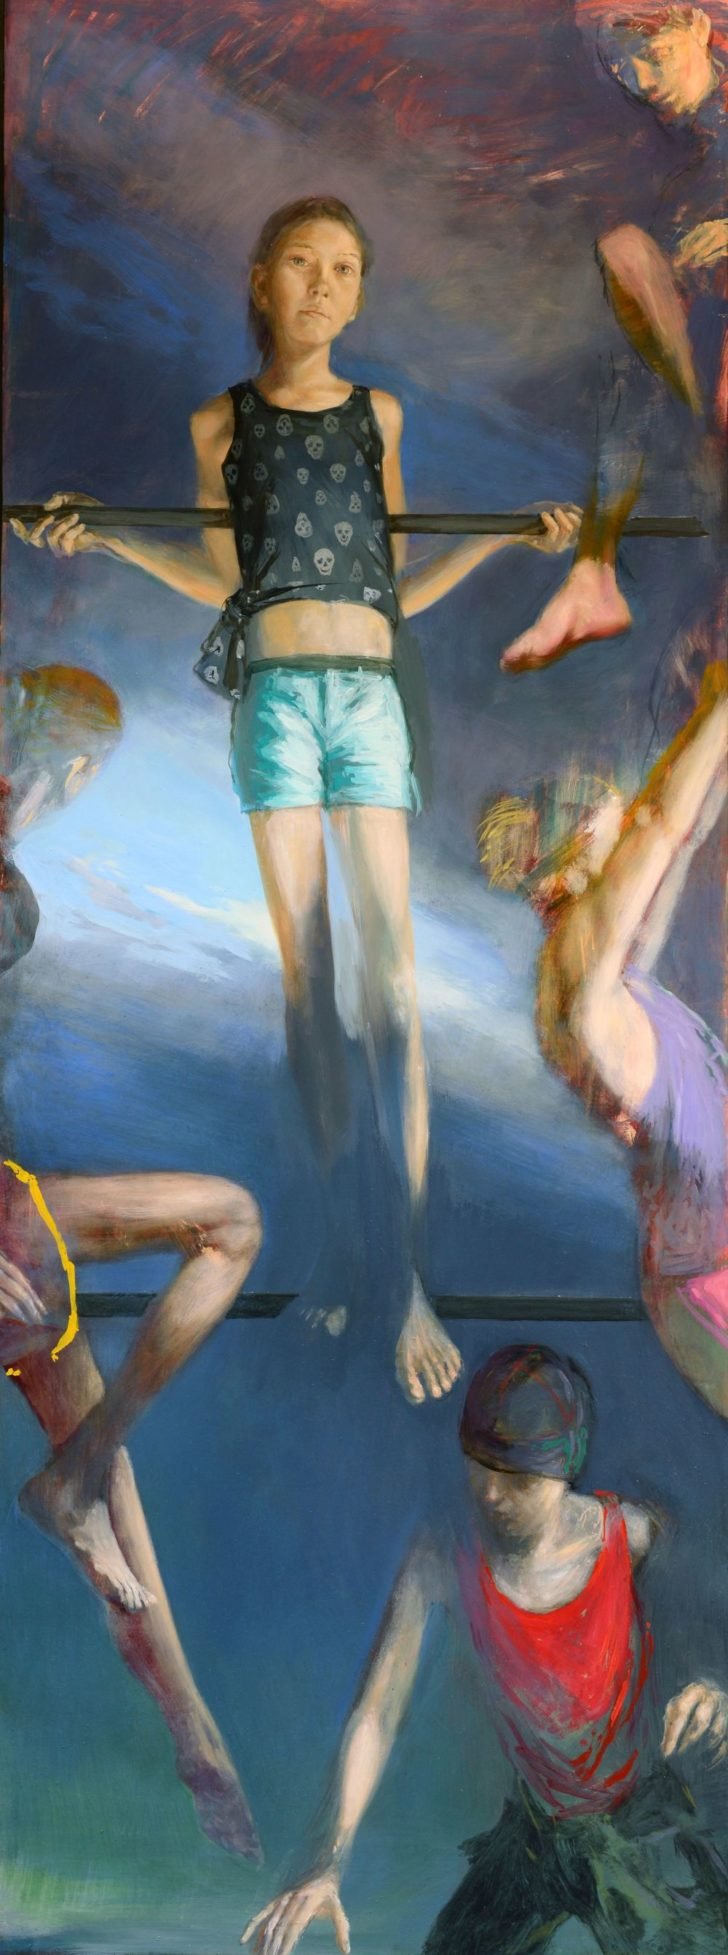 Andreas Wachter, Klettergerüst, 190,5x71,5 cm, 2014, Mischtechnik auf Hartfaser